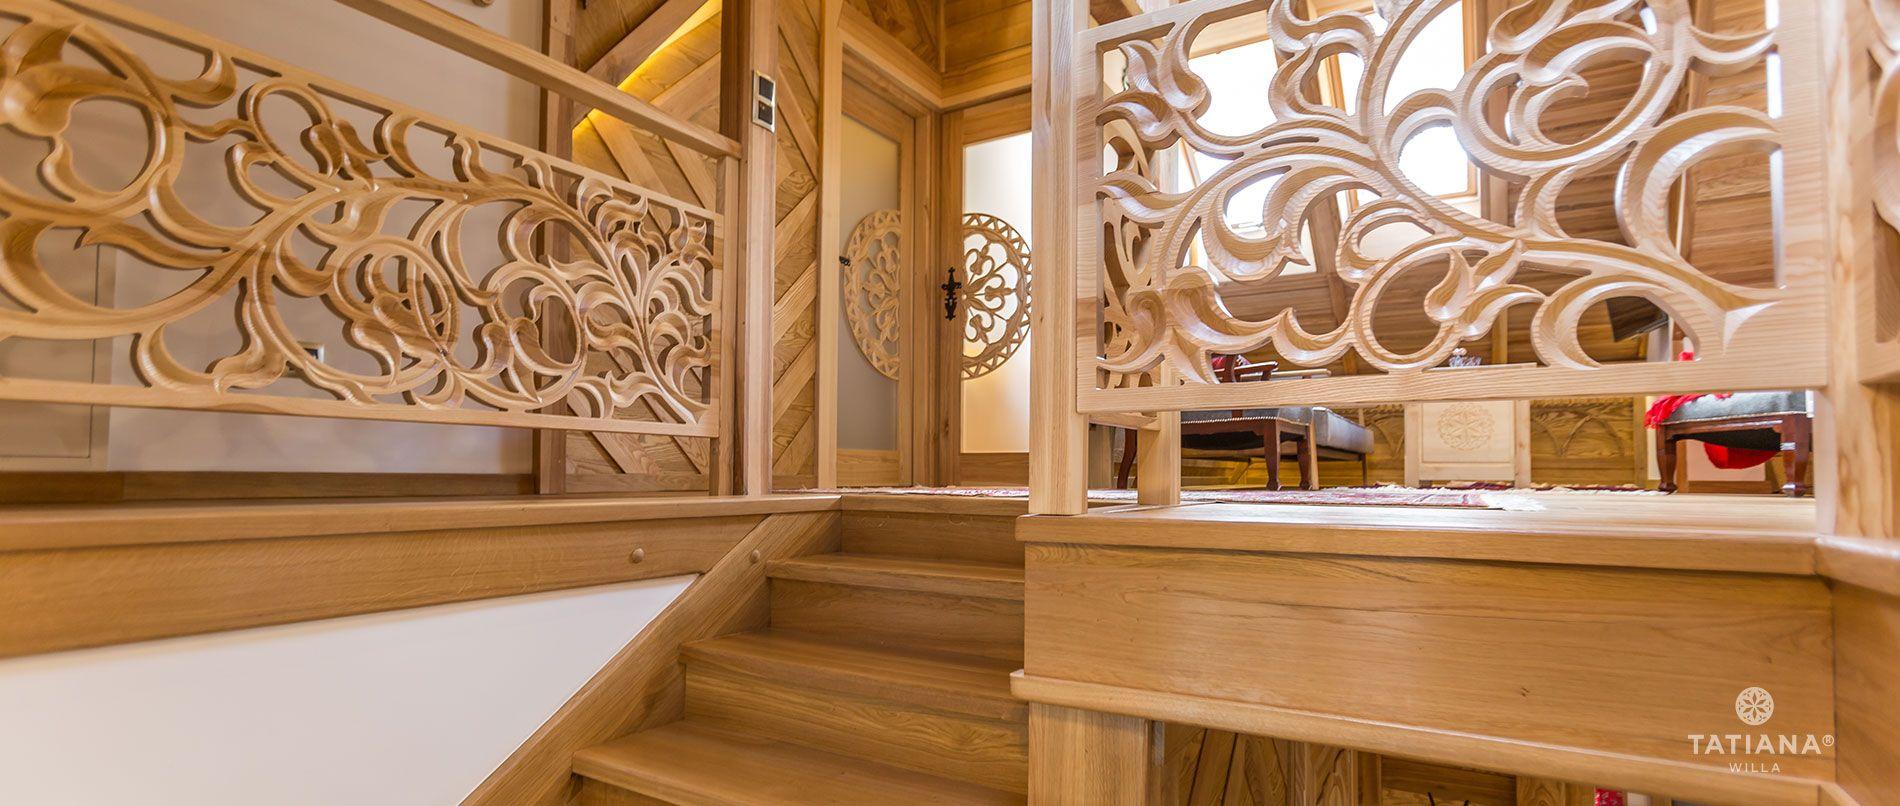 Apartament Tatrzański - schody